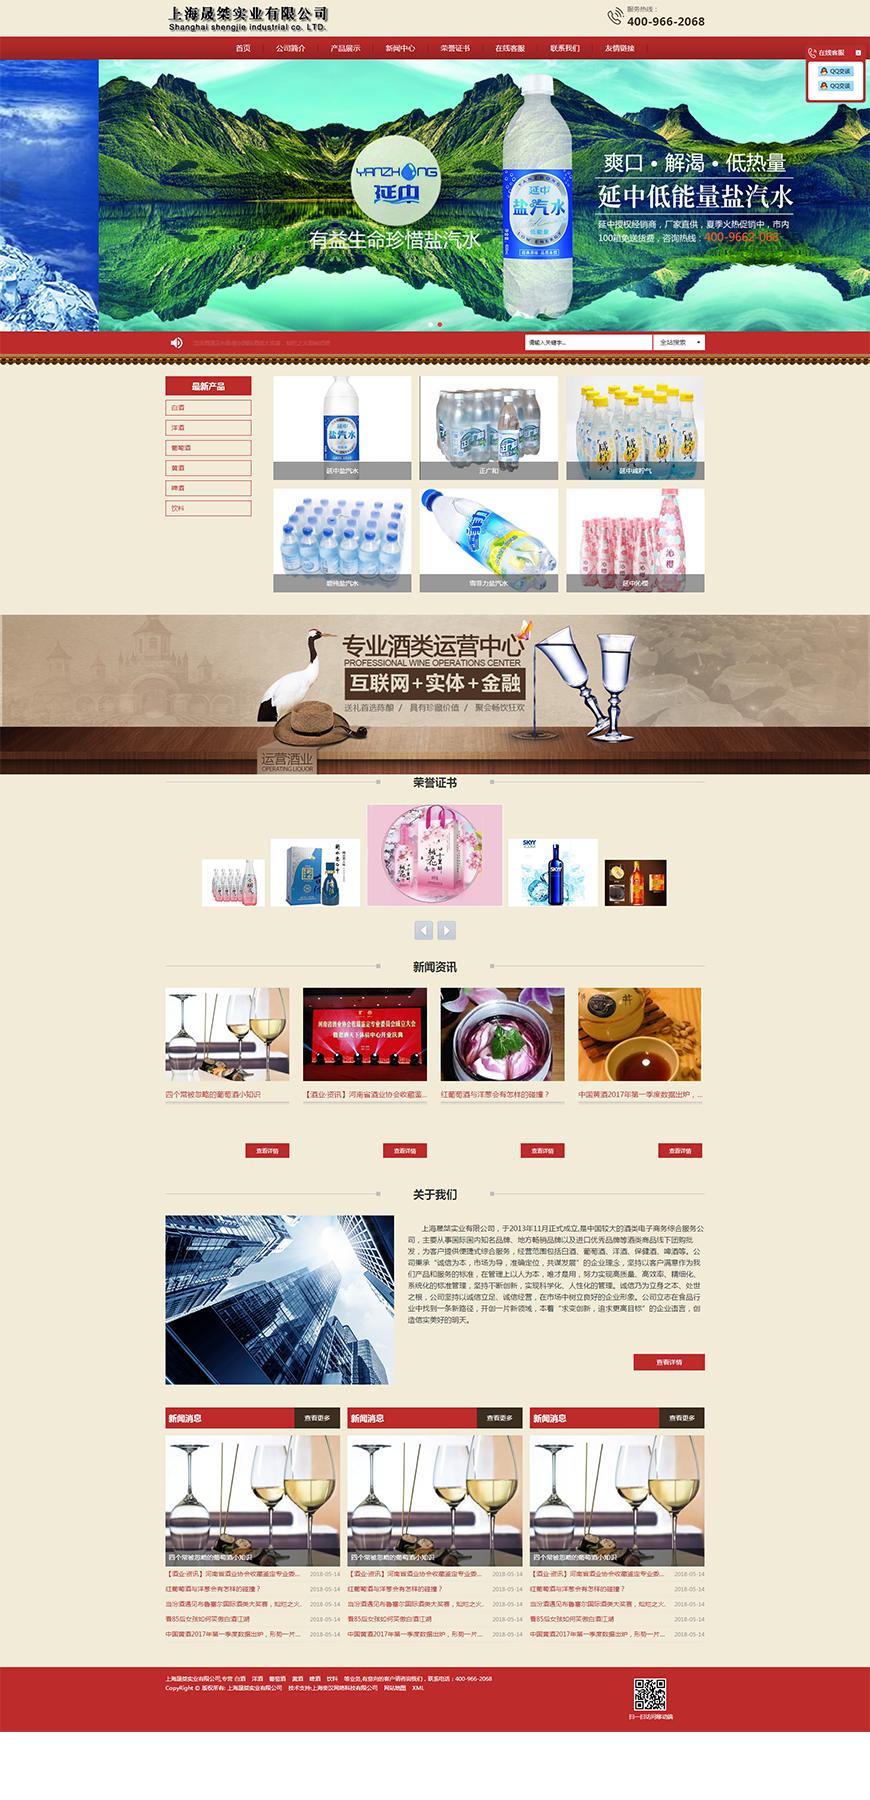 上海晟桀实业有限公司,盐汽水批发,上海白酒批发,汾酒代理.png